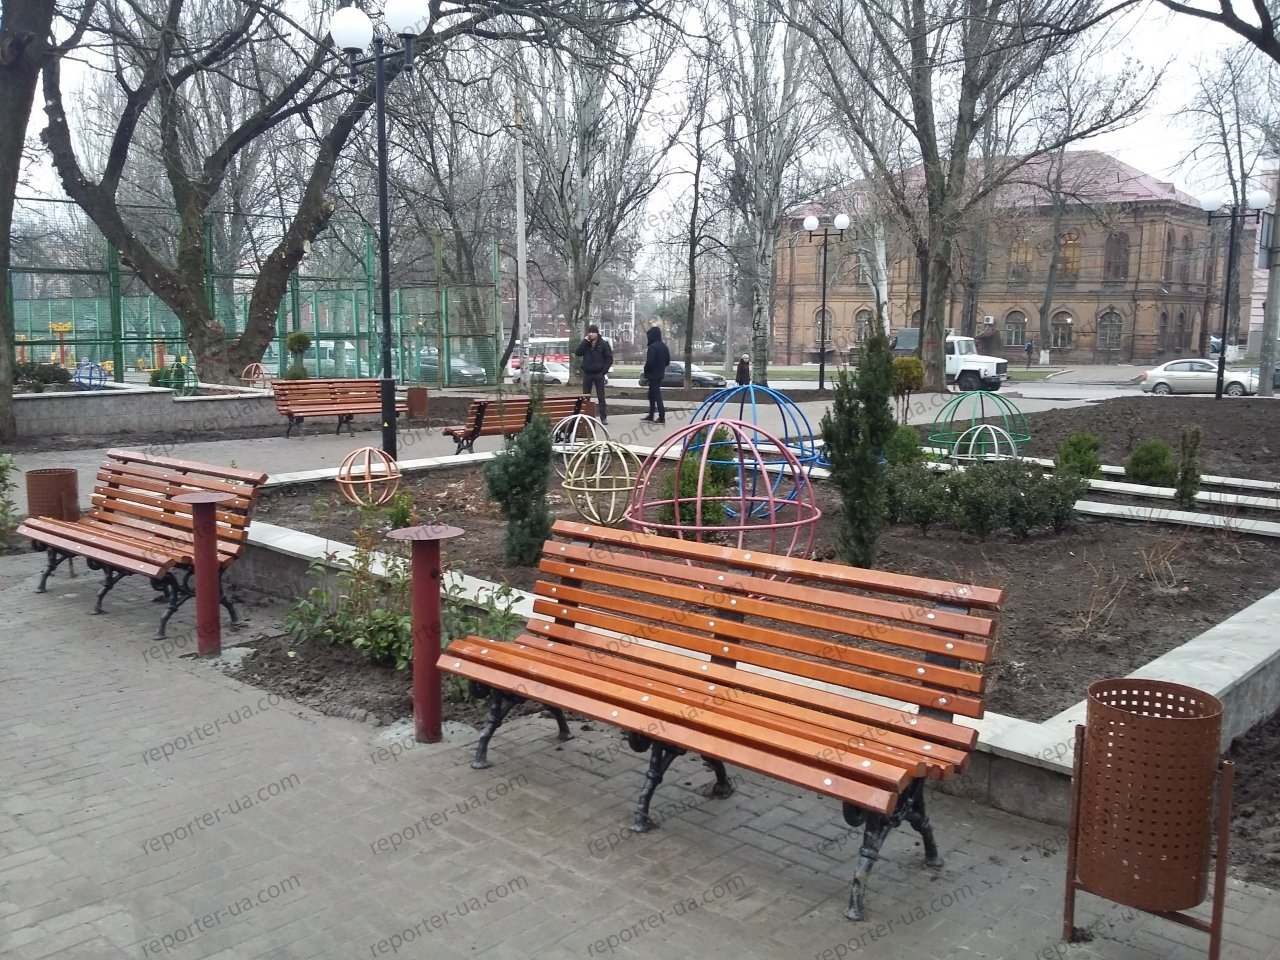 Спустя полгода после открытия в новом запорожском сквере засохла вся зелень: ее забыли поливать, – ФОТО, фото-2